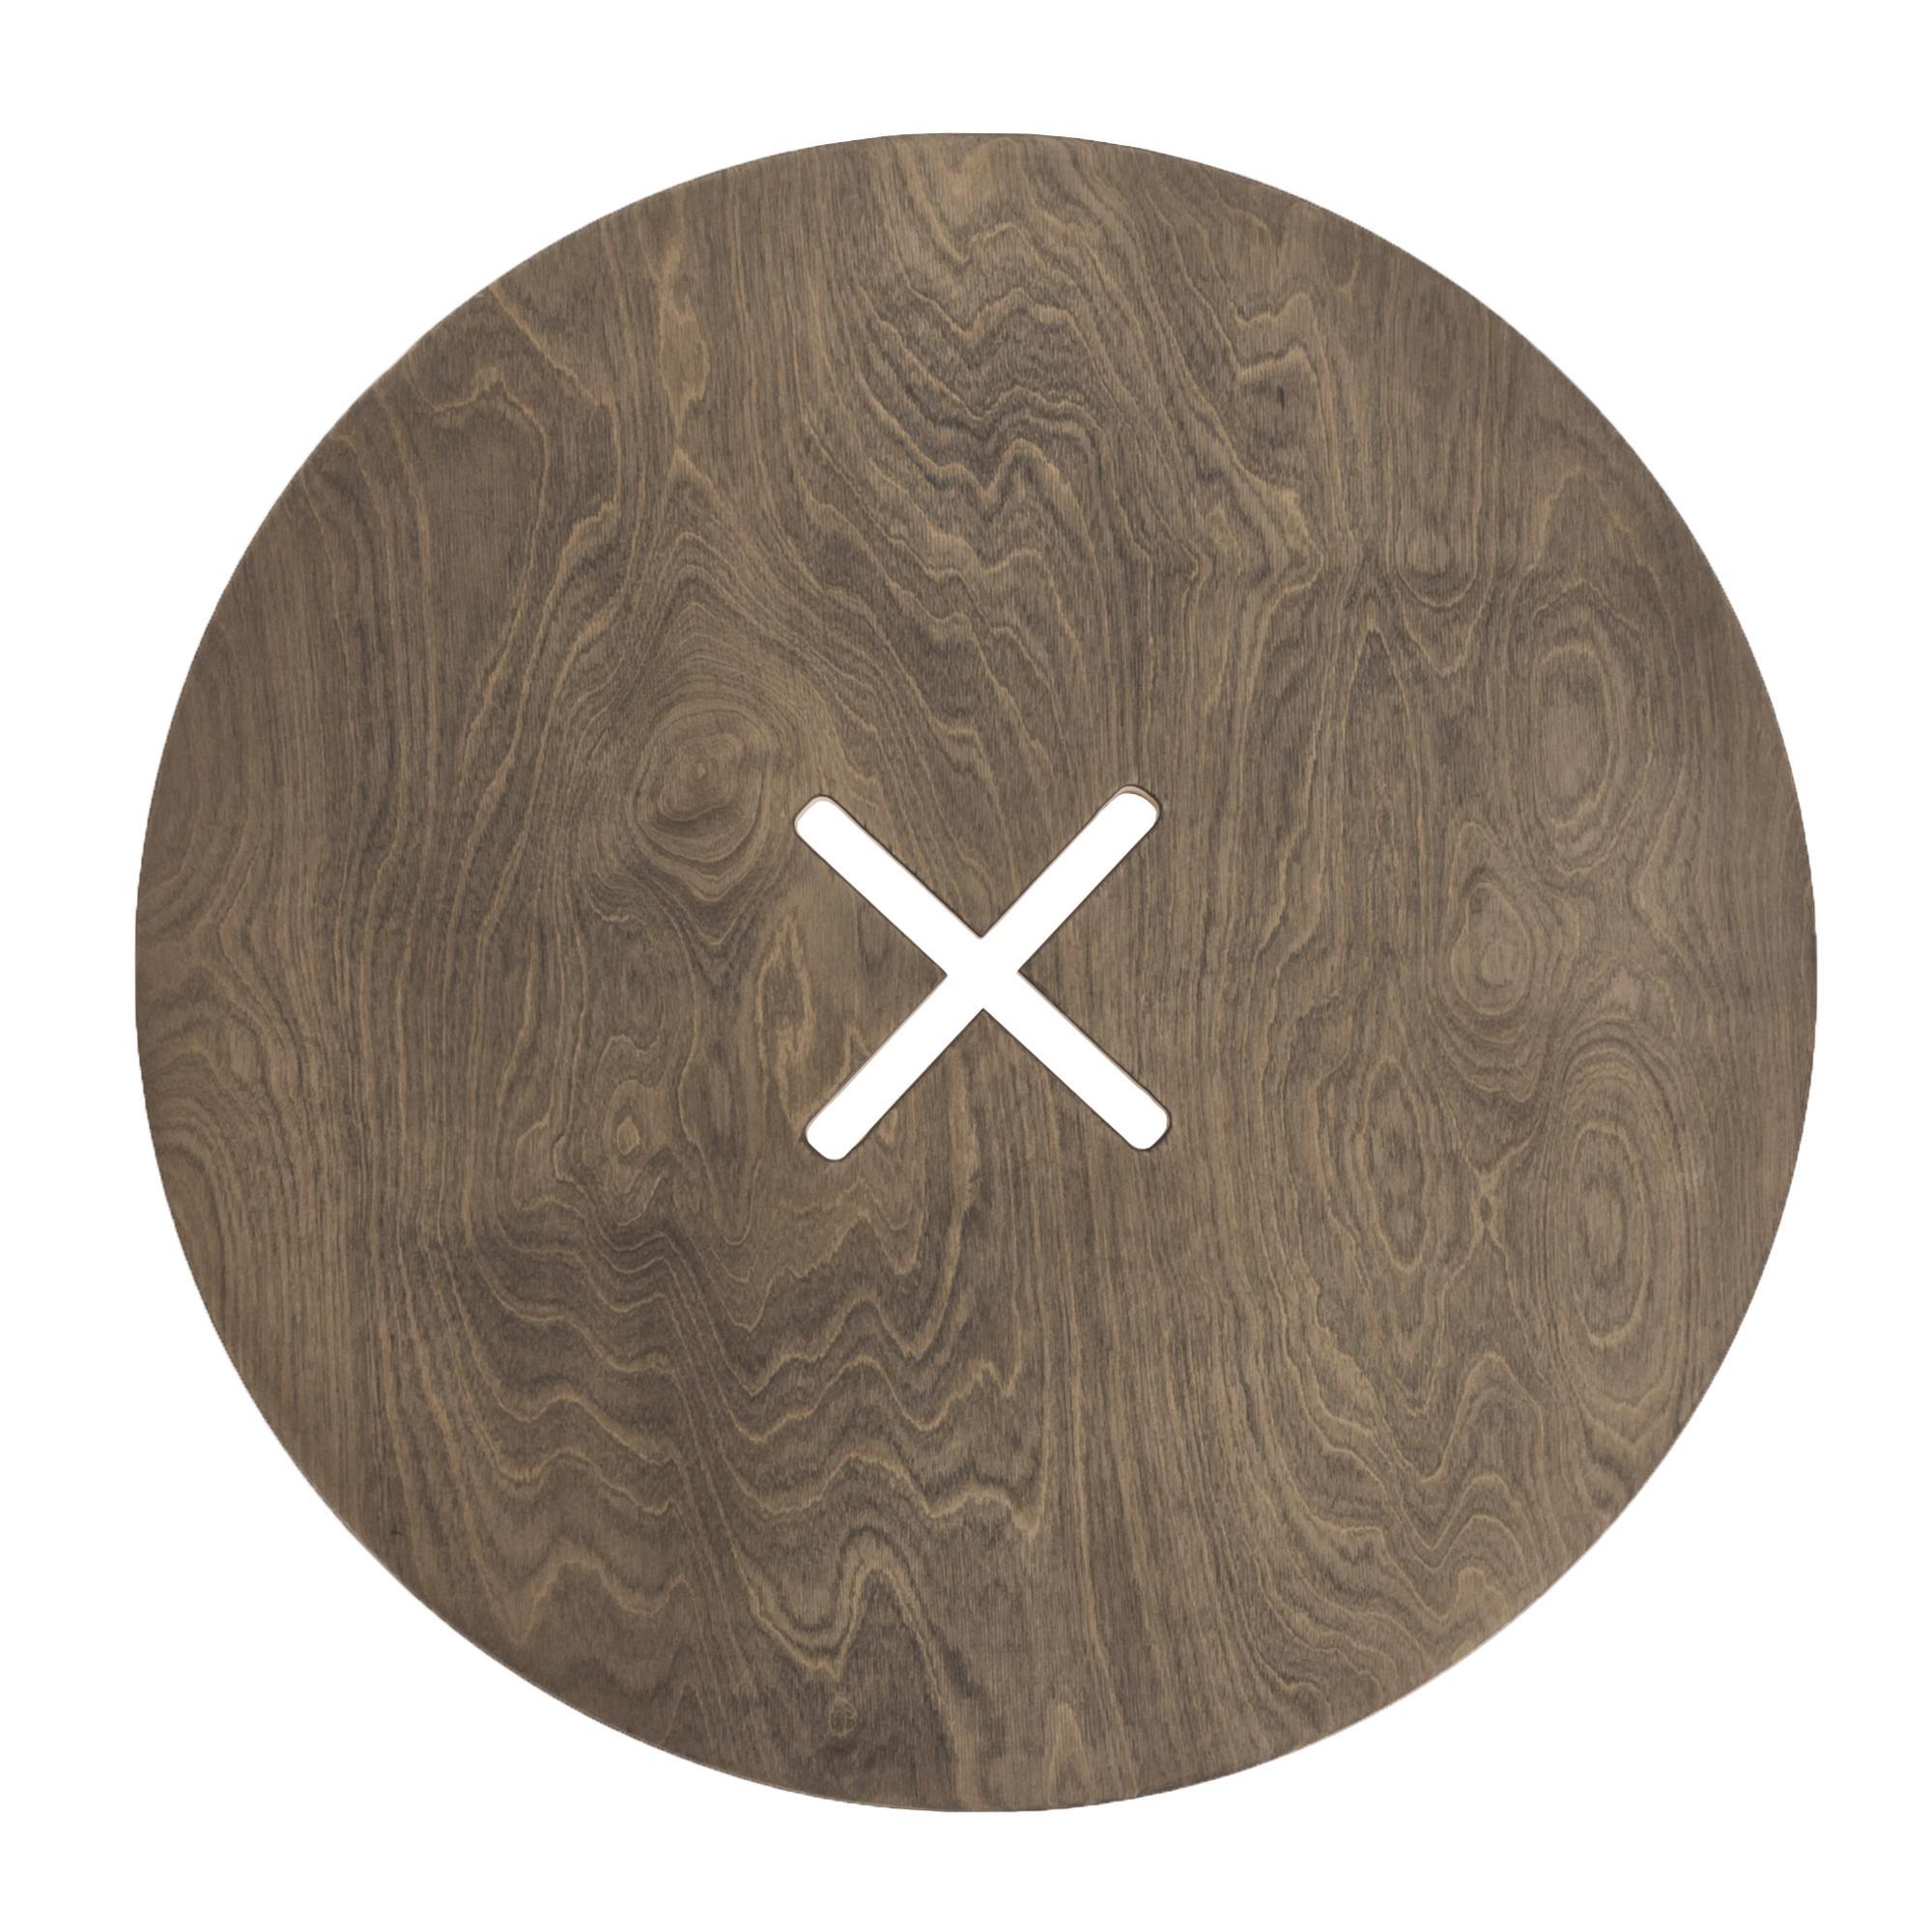 kinderzimmertisch aus birkenholz schwarz. Black Bedroom Furniture Sets. Home Design Ideas